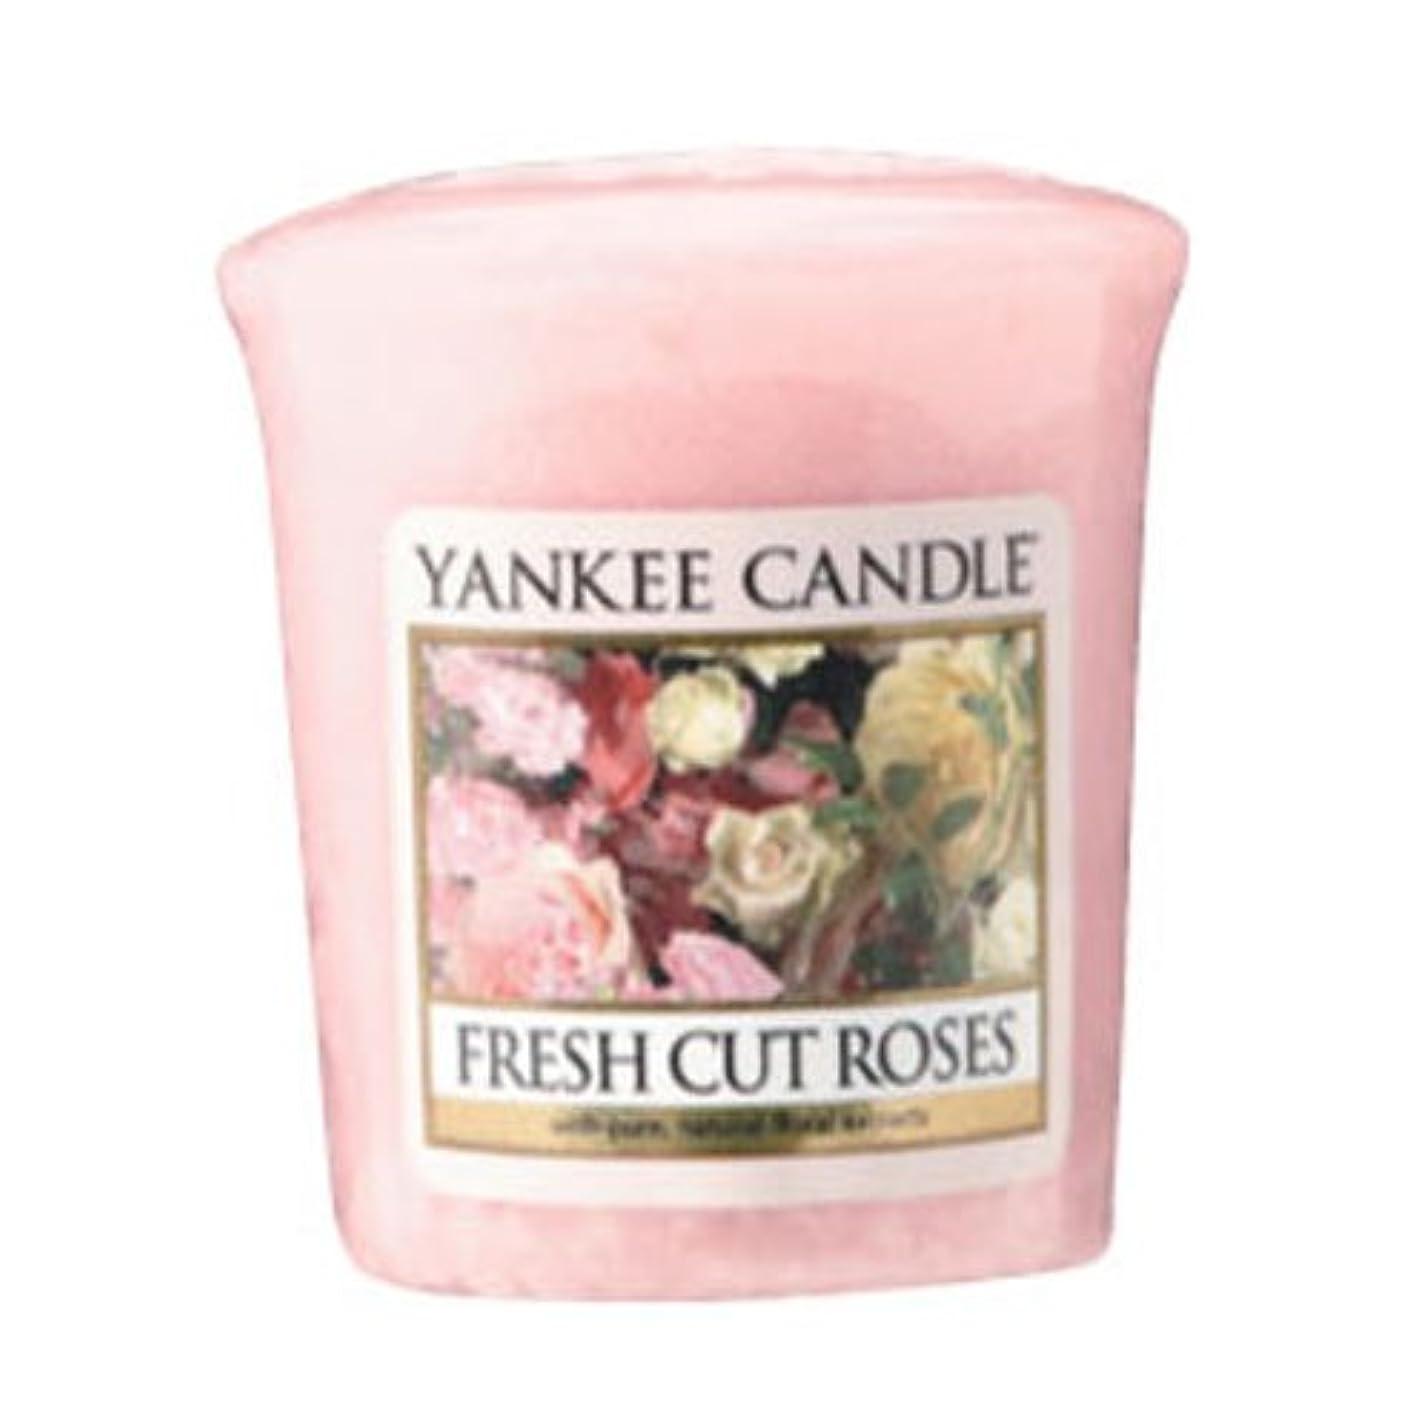 スティーブンソン一握り妊娠した[ヤンキーキャンドル] YANKEE CANDLE 正規販売店 YCサンプラー FCローズ (YK0010503 4901435938196)